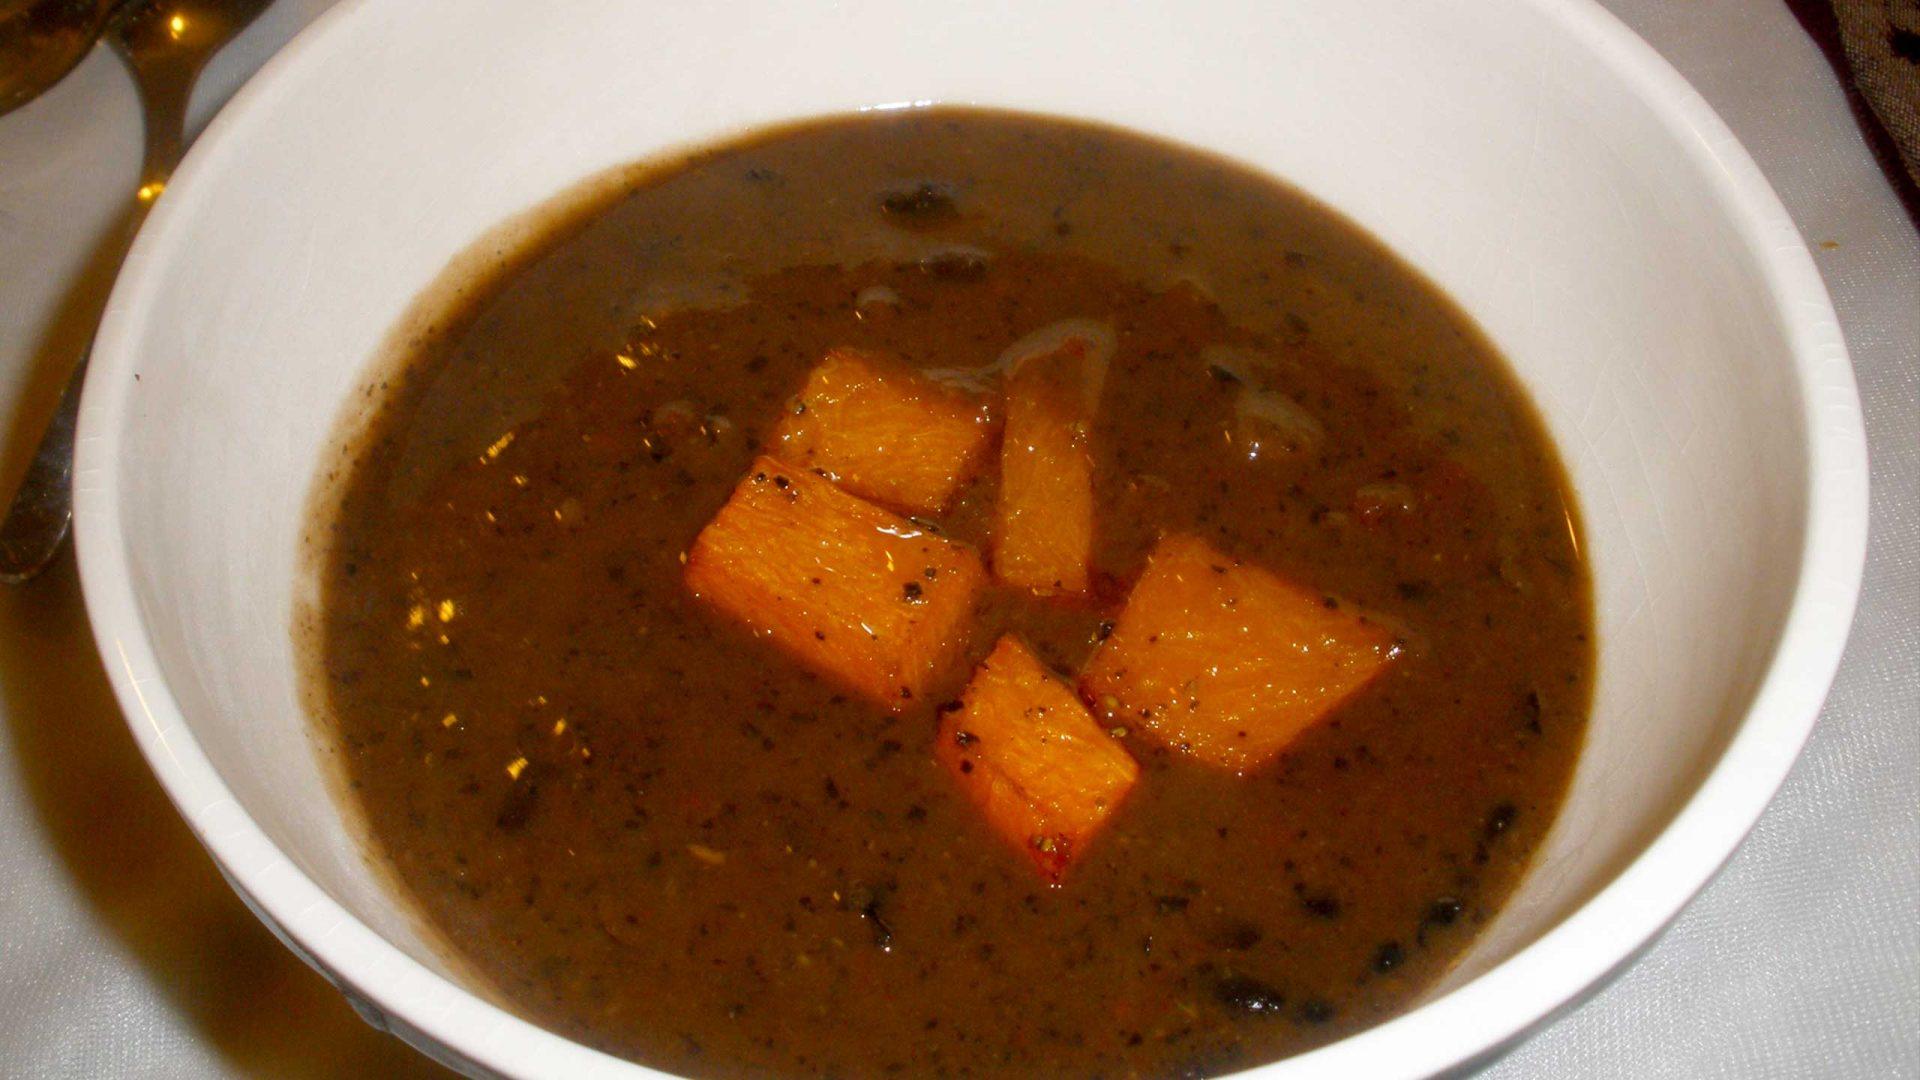 מרק שעועית שחורה ודלעת